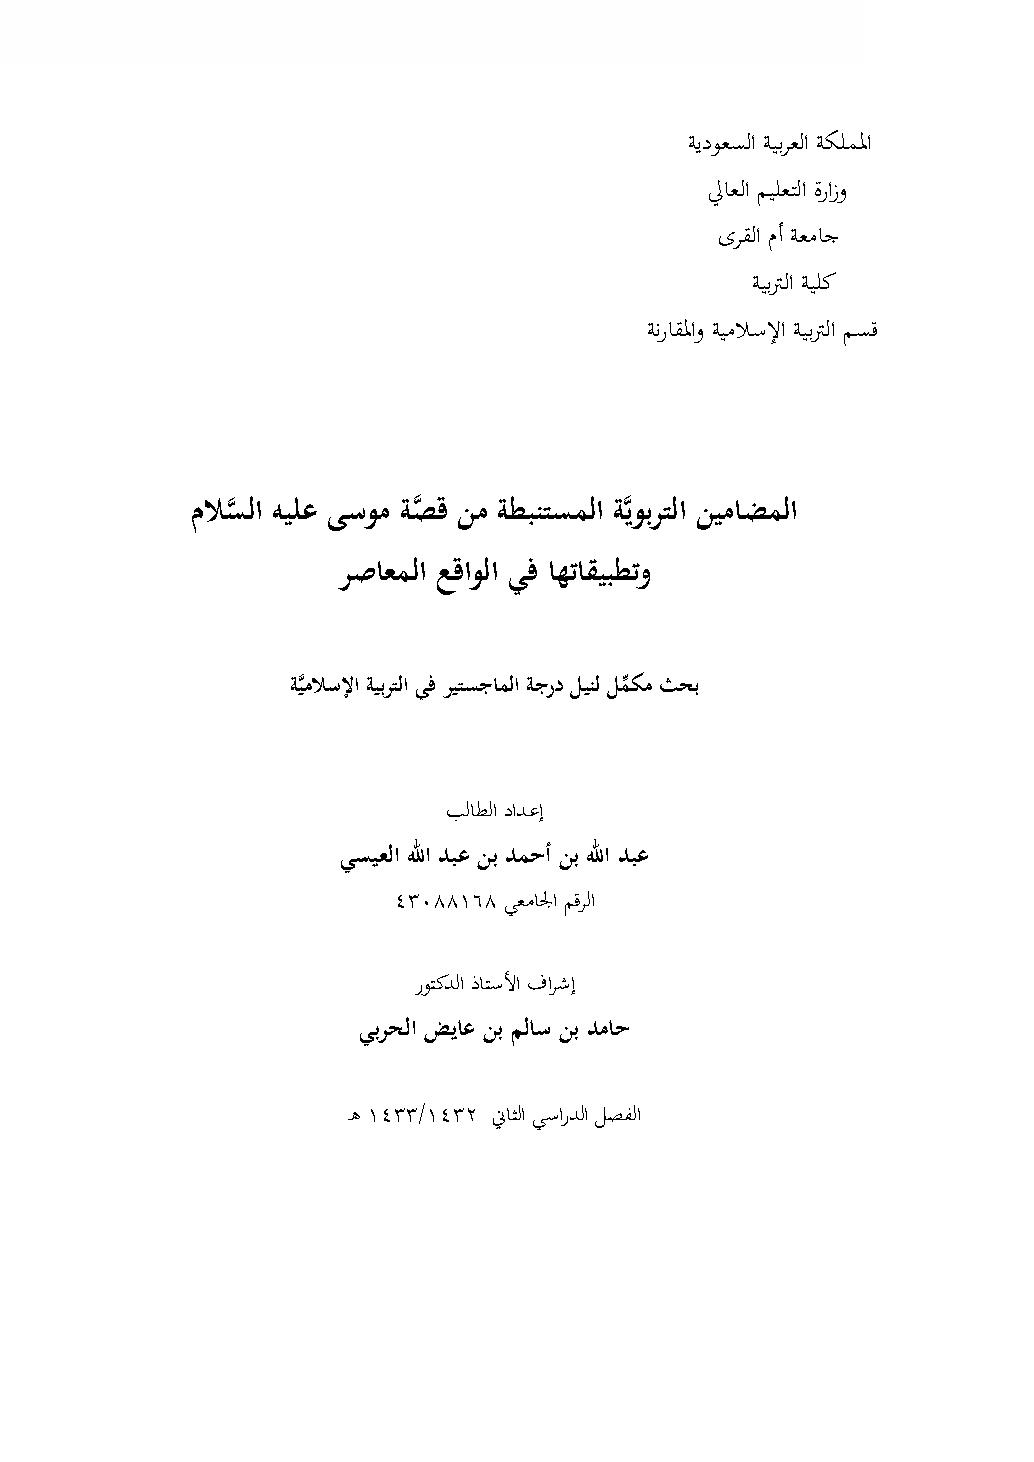 تحميل كتاب المضامين التربوية المستنبطة من قصة موسى عليه السلام وتطبيقاتها في الواقع المعاصر لـِ: عبد الله بن أحمد بن عبد الله العيسى